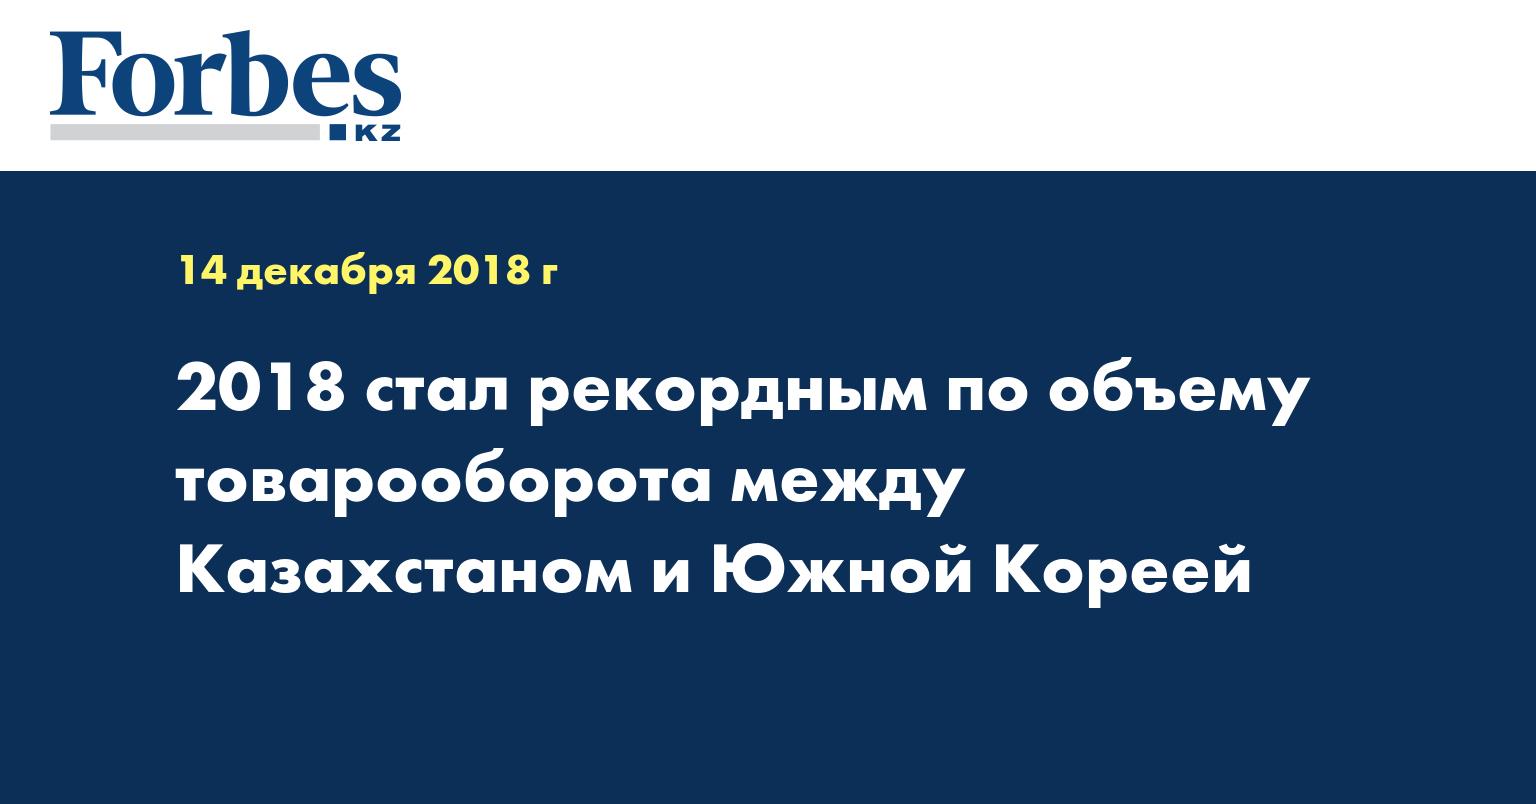 2018 стал рекордным по объему товарооборота между Казахстаном и Южной Кореей